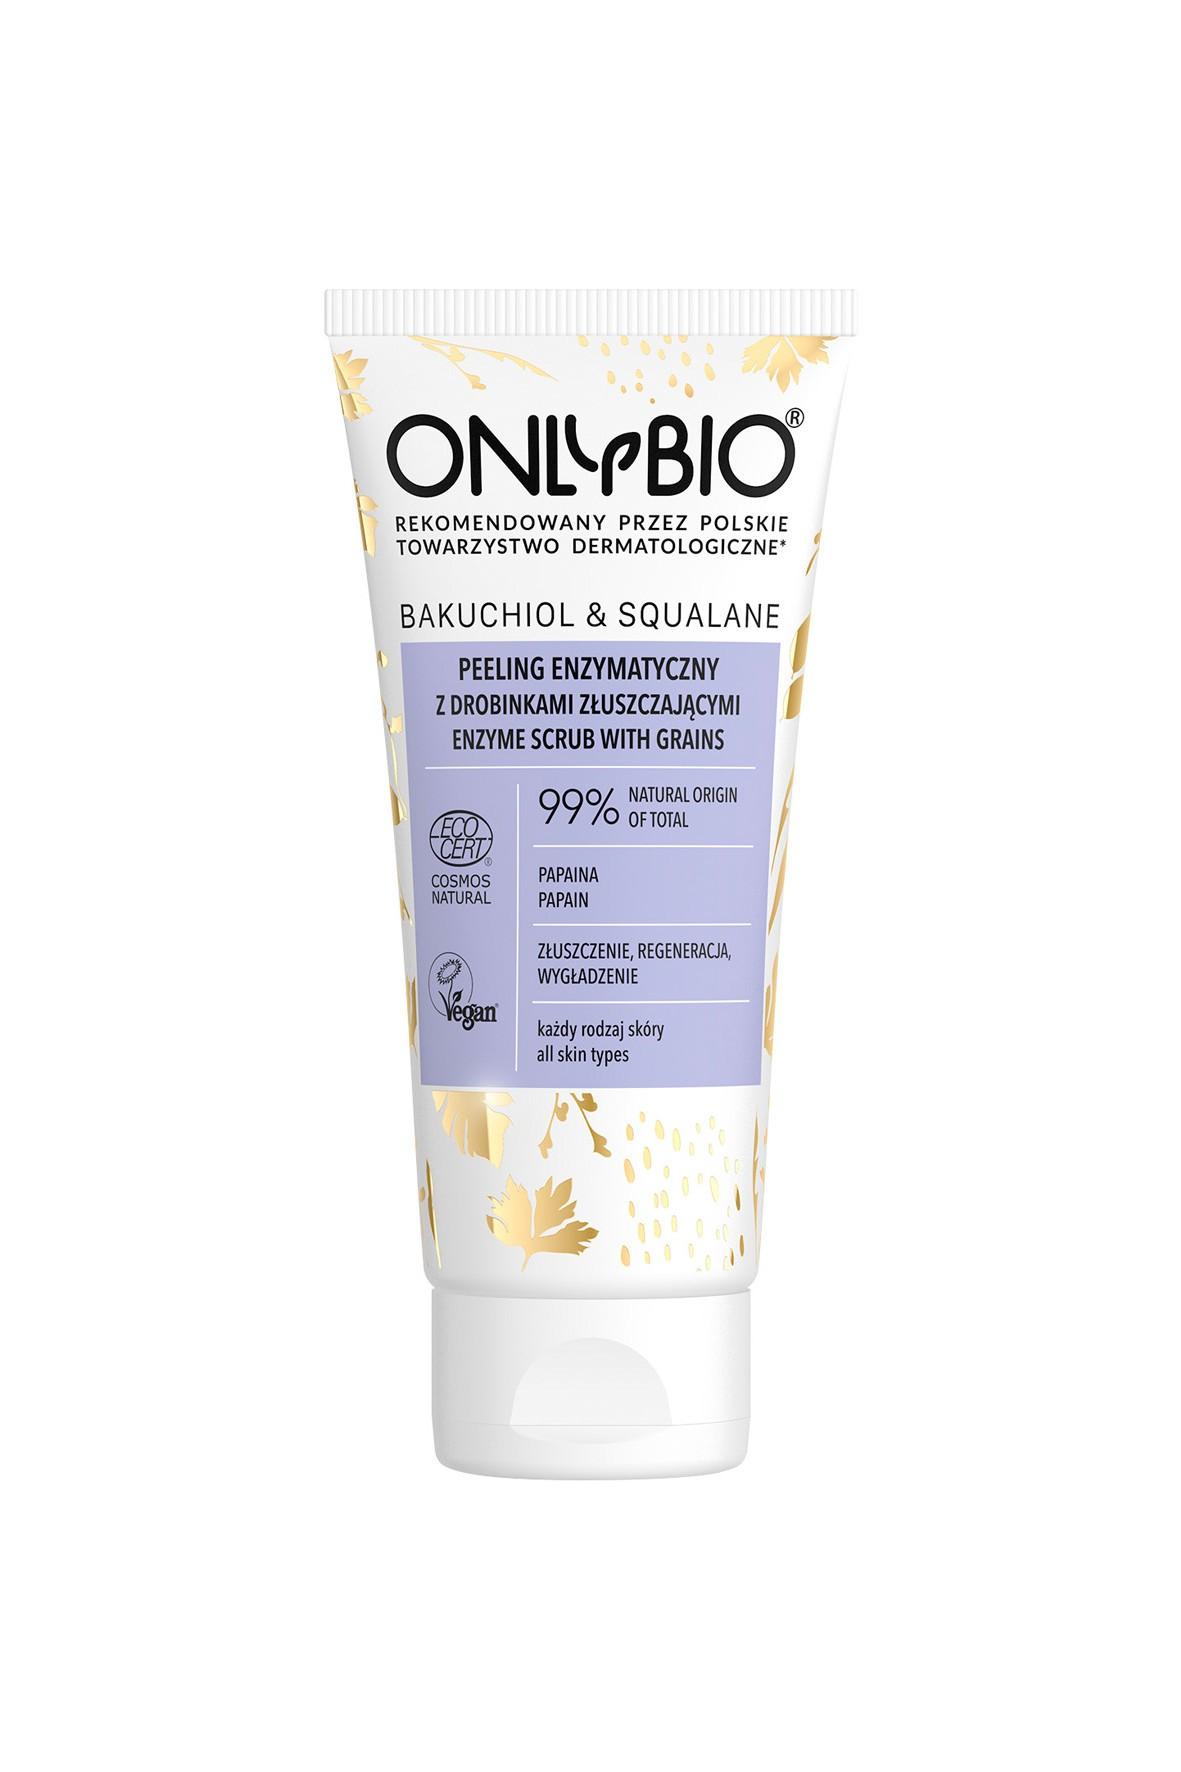 Peeling enzymatyczny złuszczający Bakuchiol&Skwalan- OnlyBio 200ml